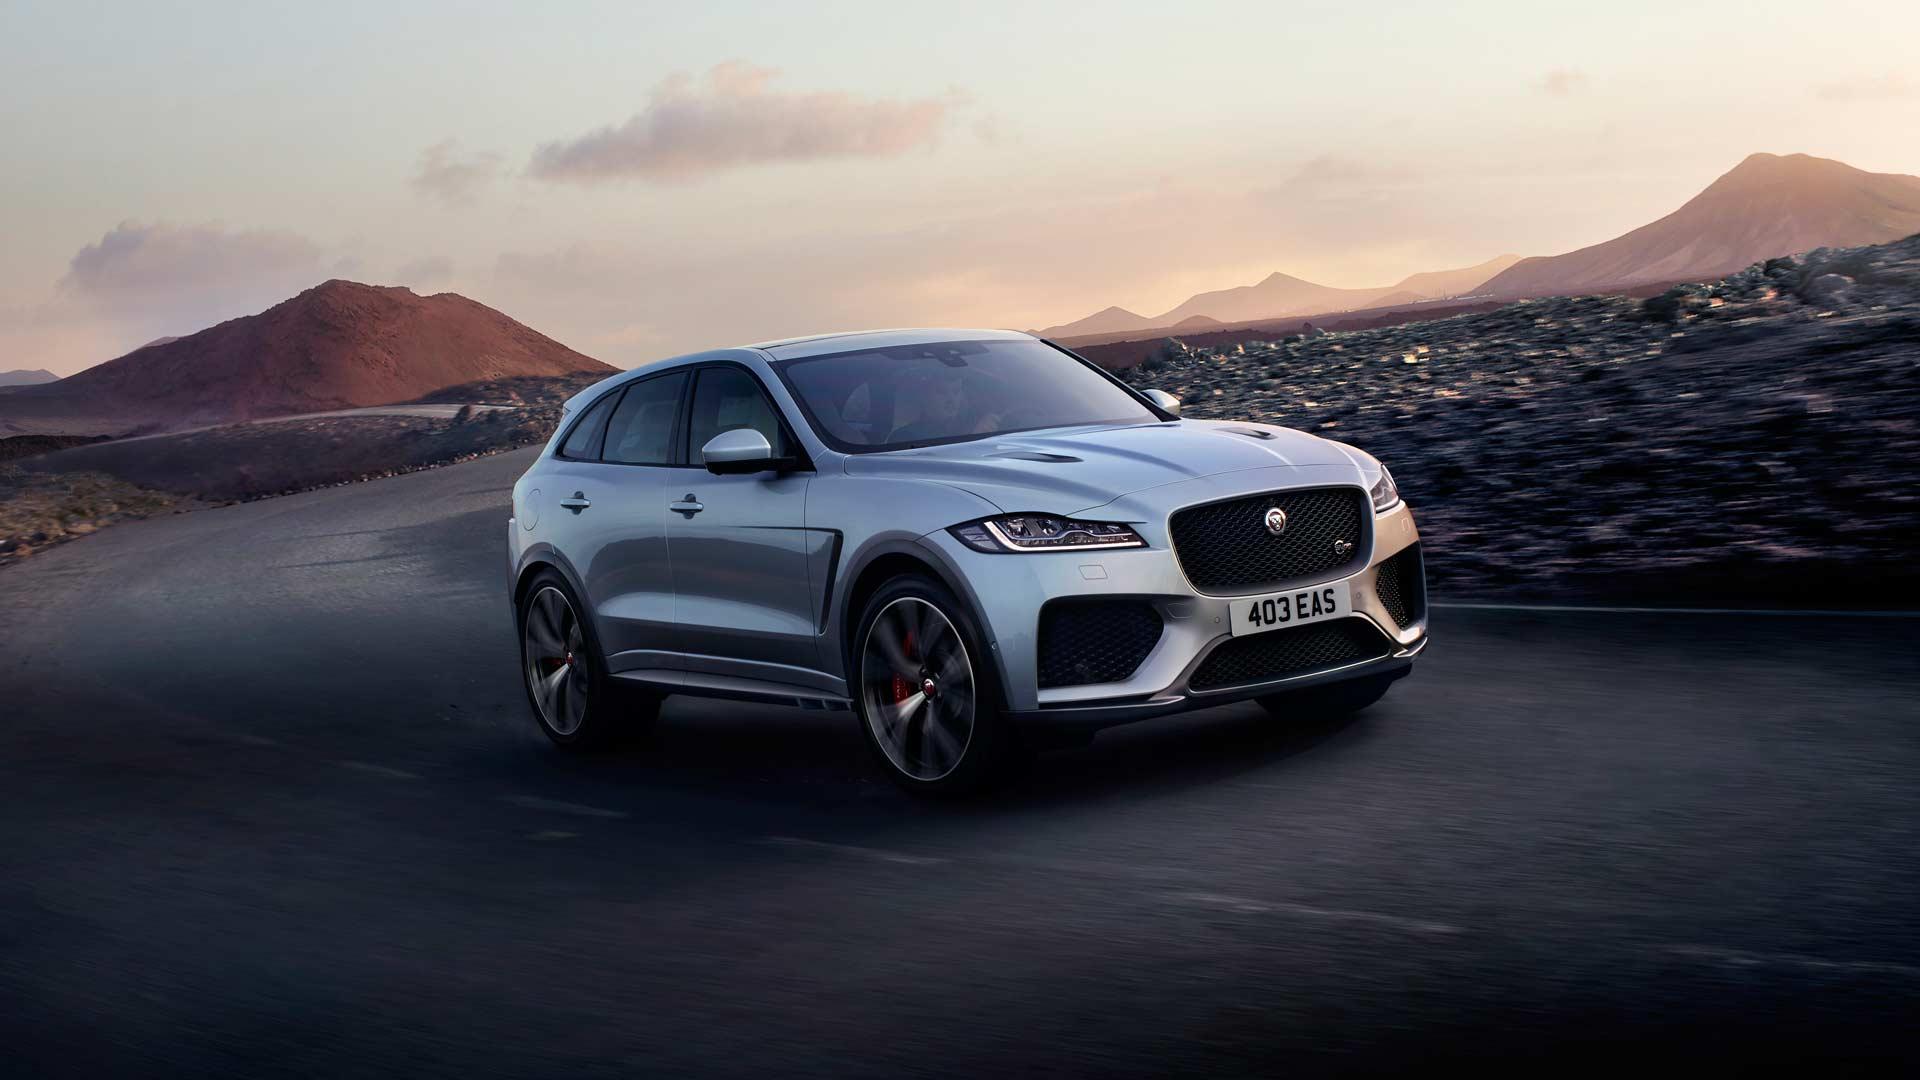 jaguar f pace svr gets a roaring 5 0 supercharged v8 autodevot. Black Bedroom Furniture Sets. Home Design Ideas